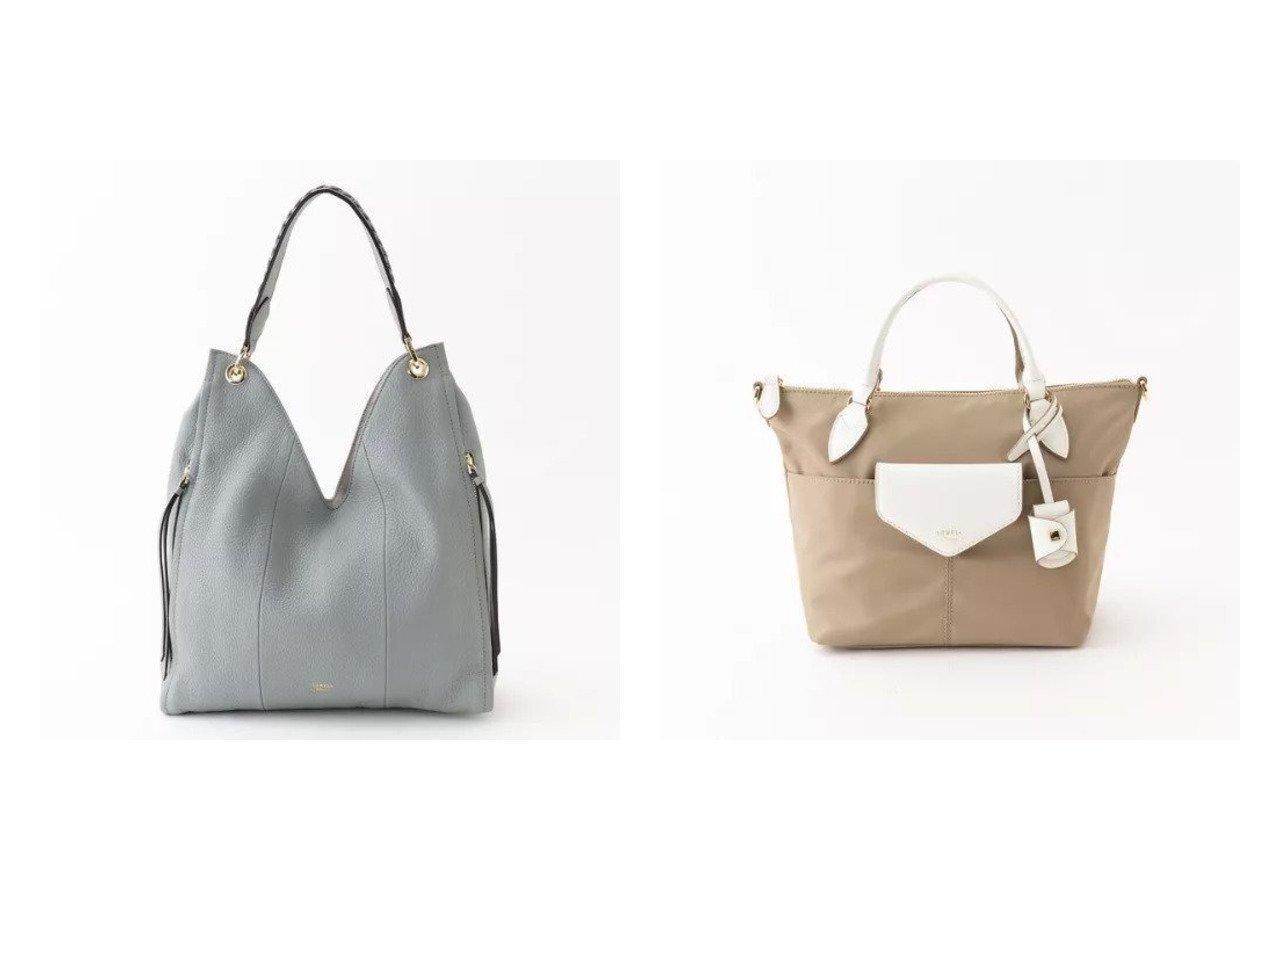 【LOWELL Things/ロウェル シングス】のかがりレザーワンショルダー&【21SS新作】フラップナイロントート バッグ・鞄のおすすめ!人気、トレンド・レディースファッションの通販 おすすめで人気の流行・トレンド、ファッションの通販商品 メンズファッション・キッズファッション・インテリア・家具・レディースファッション・服の通販 founy(ファニー) https://founy.com/ ファッション Fashion レディースファッション WOMEN バッグ Bag イエロー ショルダー シンプル スタンダード 定番 Standard パープル ポケット 2021年 2021 S/S 春夏 SS Spring/Summer 2021 春夏 S/S SS Spring/Summer 2021 春 Spring スカーフ ベーシック マグネット リップ  ID:crp329100000014478